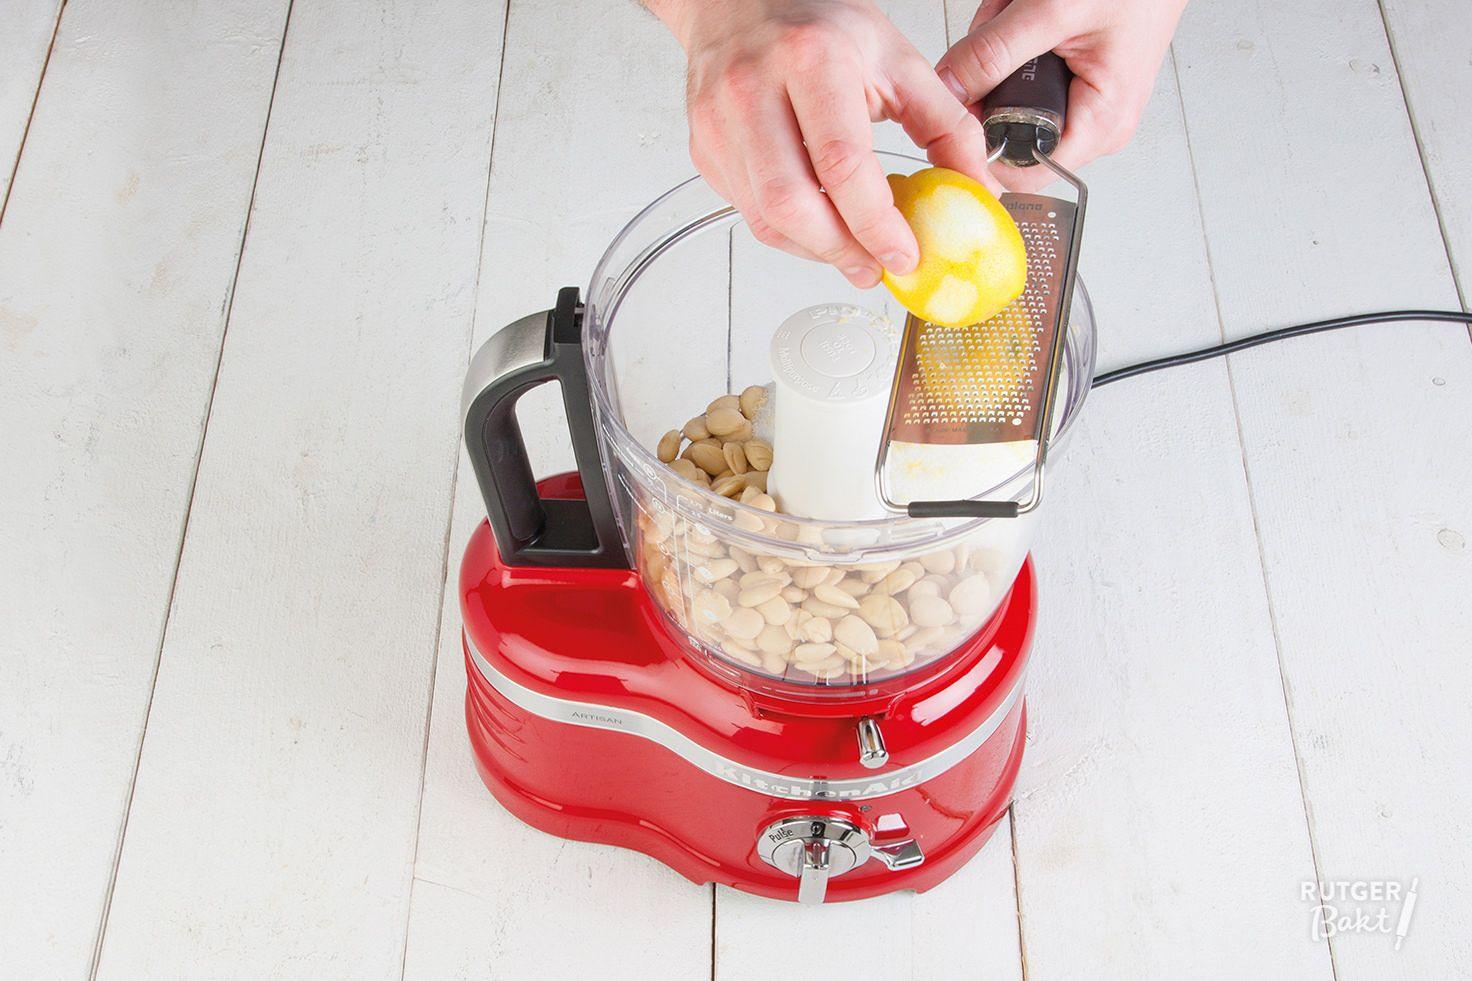 Natuurlijk kun je spijs kant-en-klaar kopen, maar het is ook heel makkelijk (en lekkerder) om het zelf te maken. Ik laat je zien hoe je amandelspijs maakt.